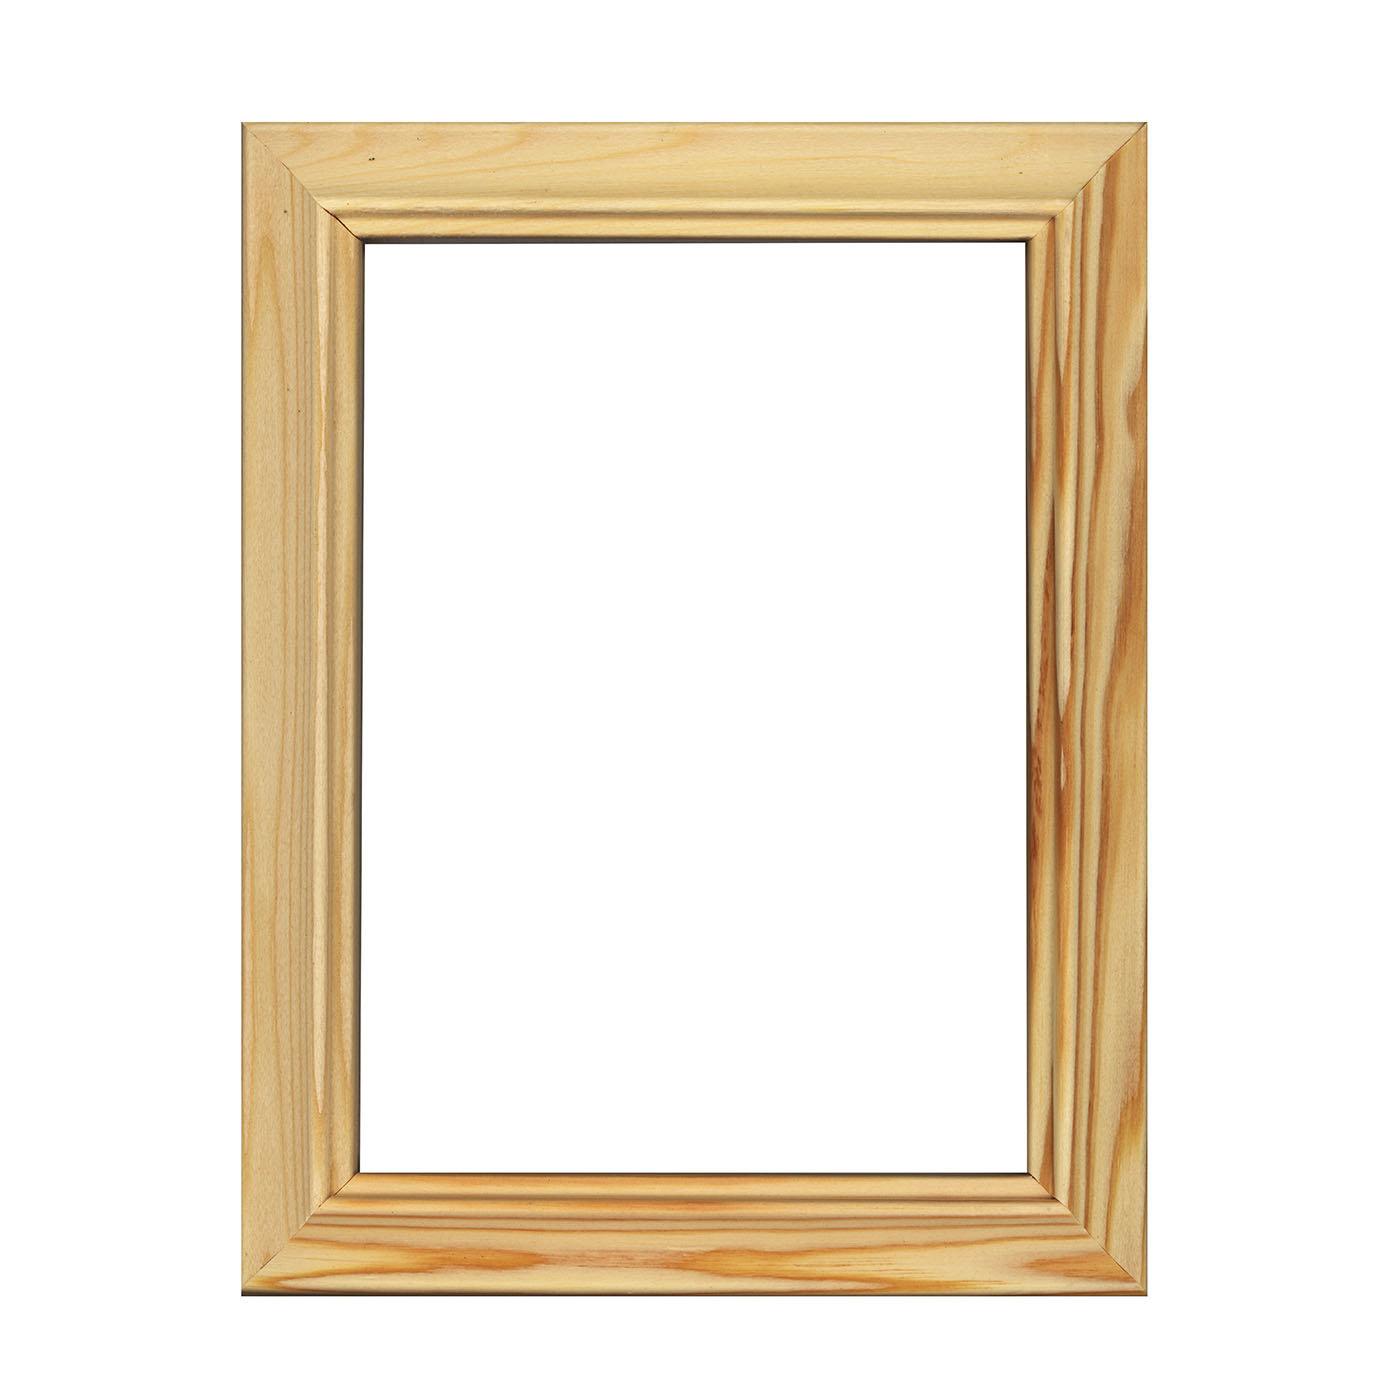 Рамы без стекла Метрика ООО Рама без стекла 30х30см, серия С2 ЛОЛИТА, сосна неокрашенная, профиль прямой